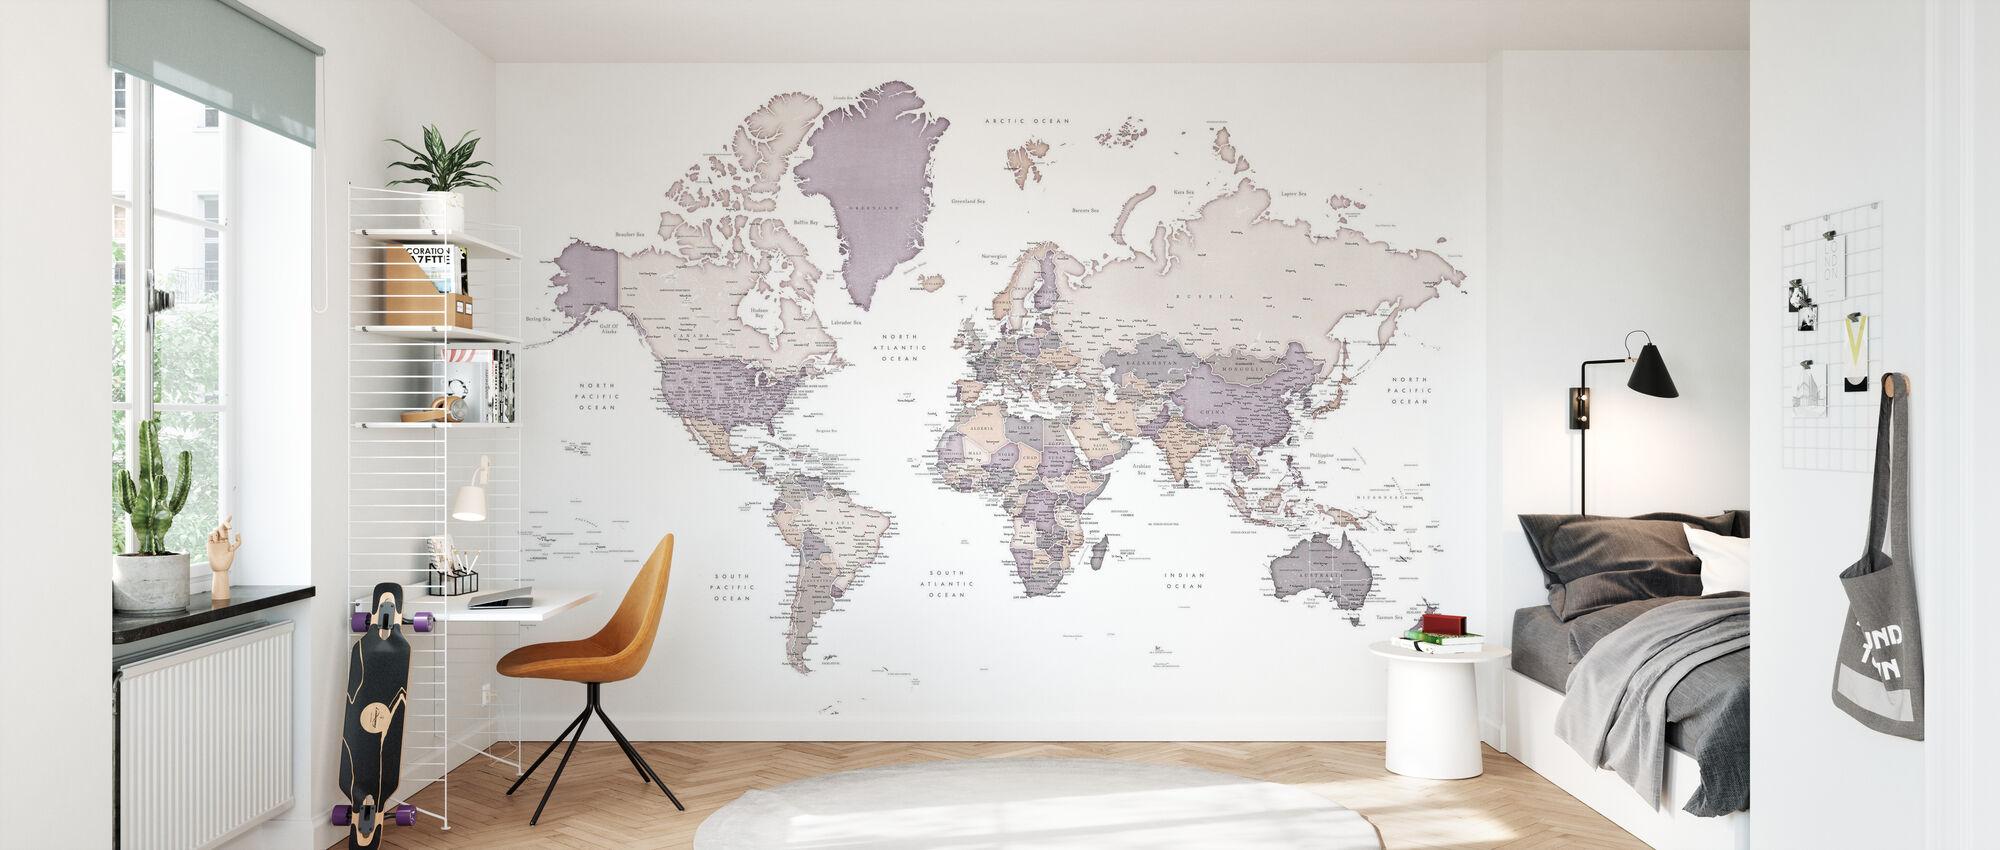 Weltkarte mit Städten - Tapete - Kinderzimmer